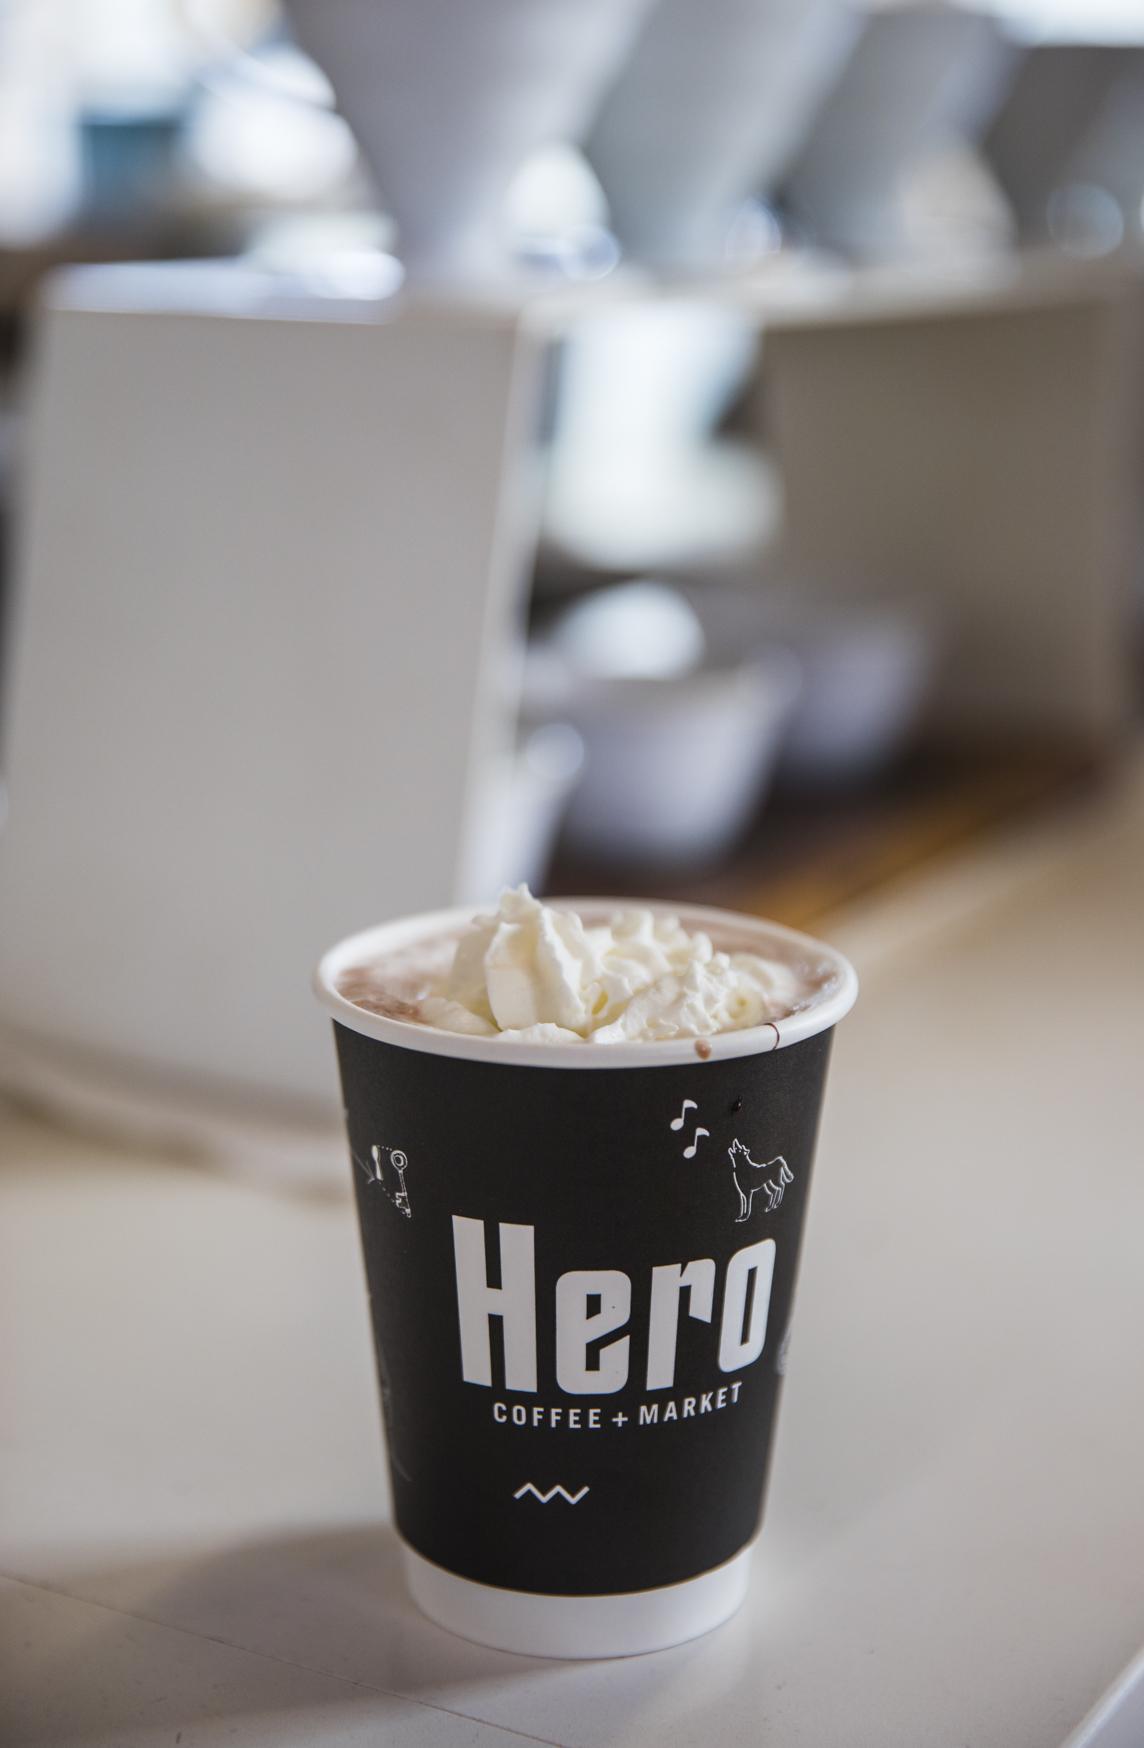 Hero hot chocolate with whipped cream